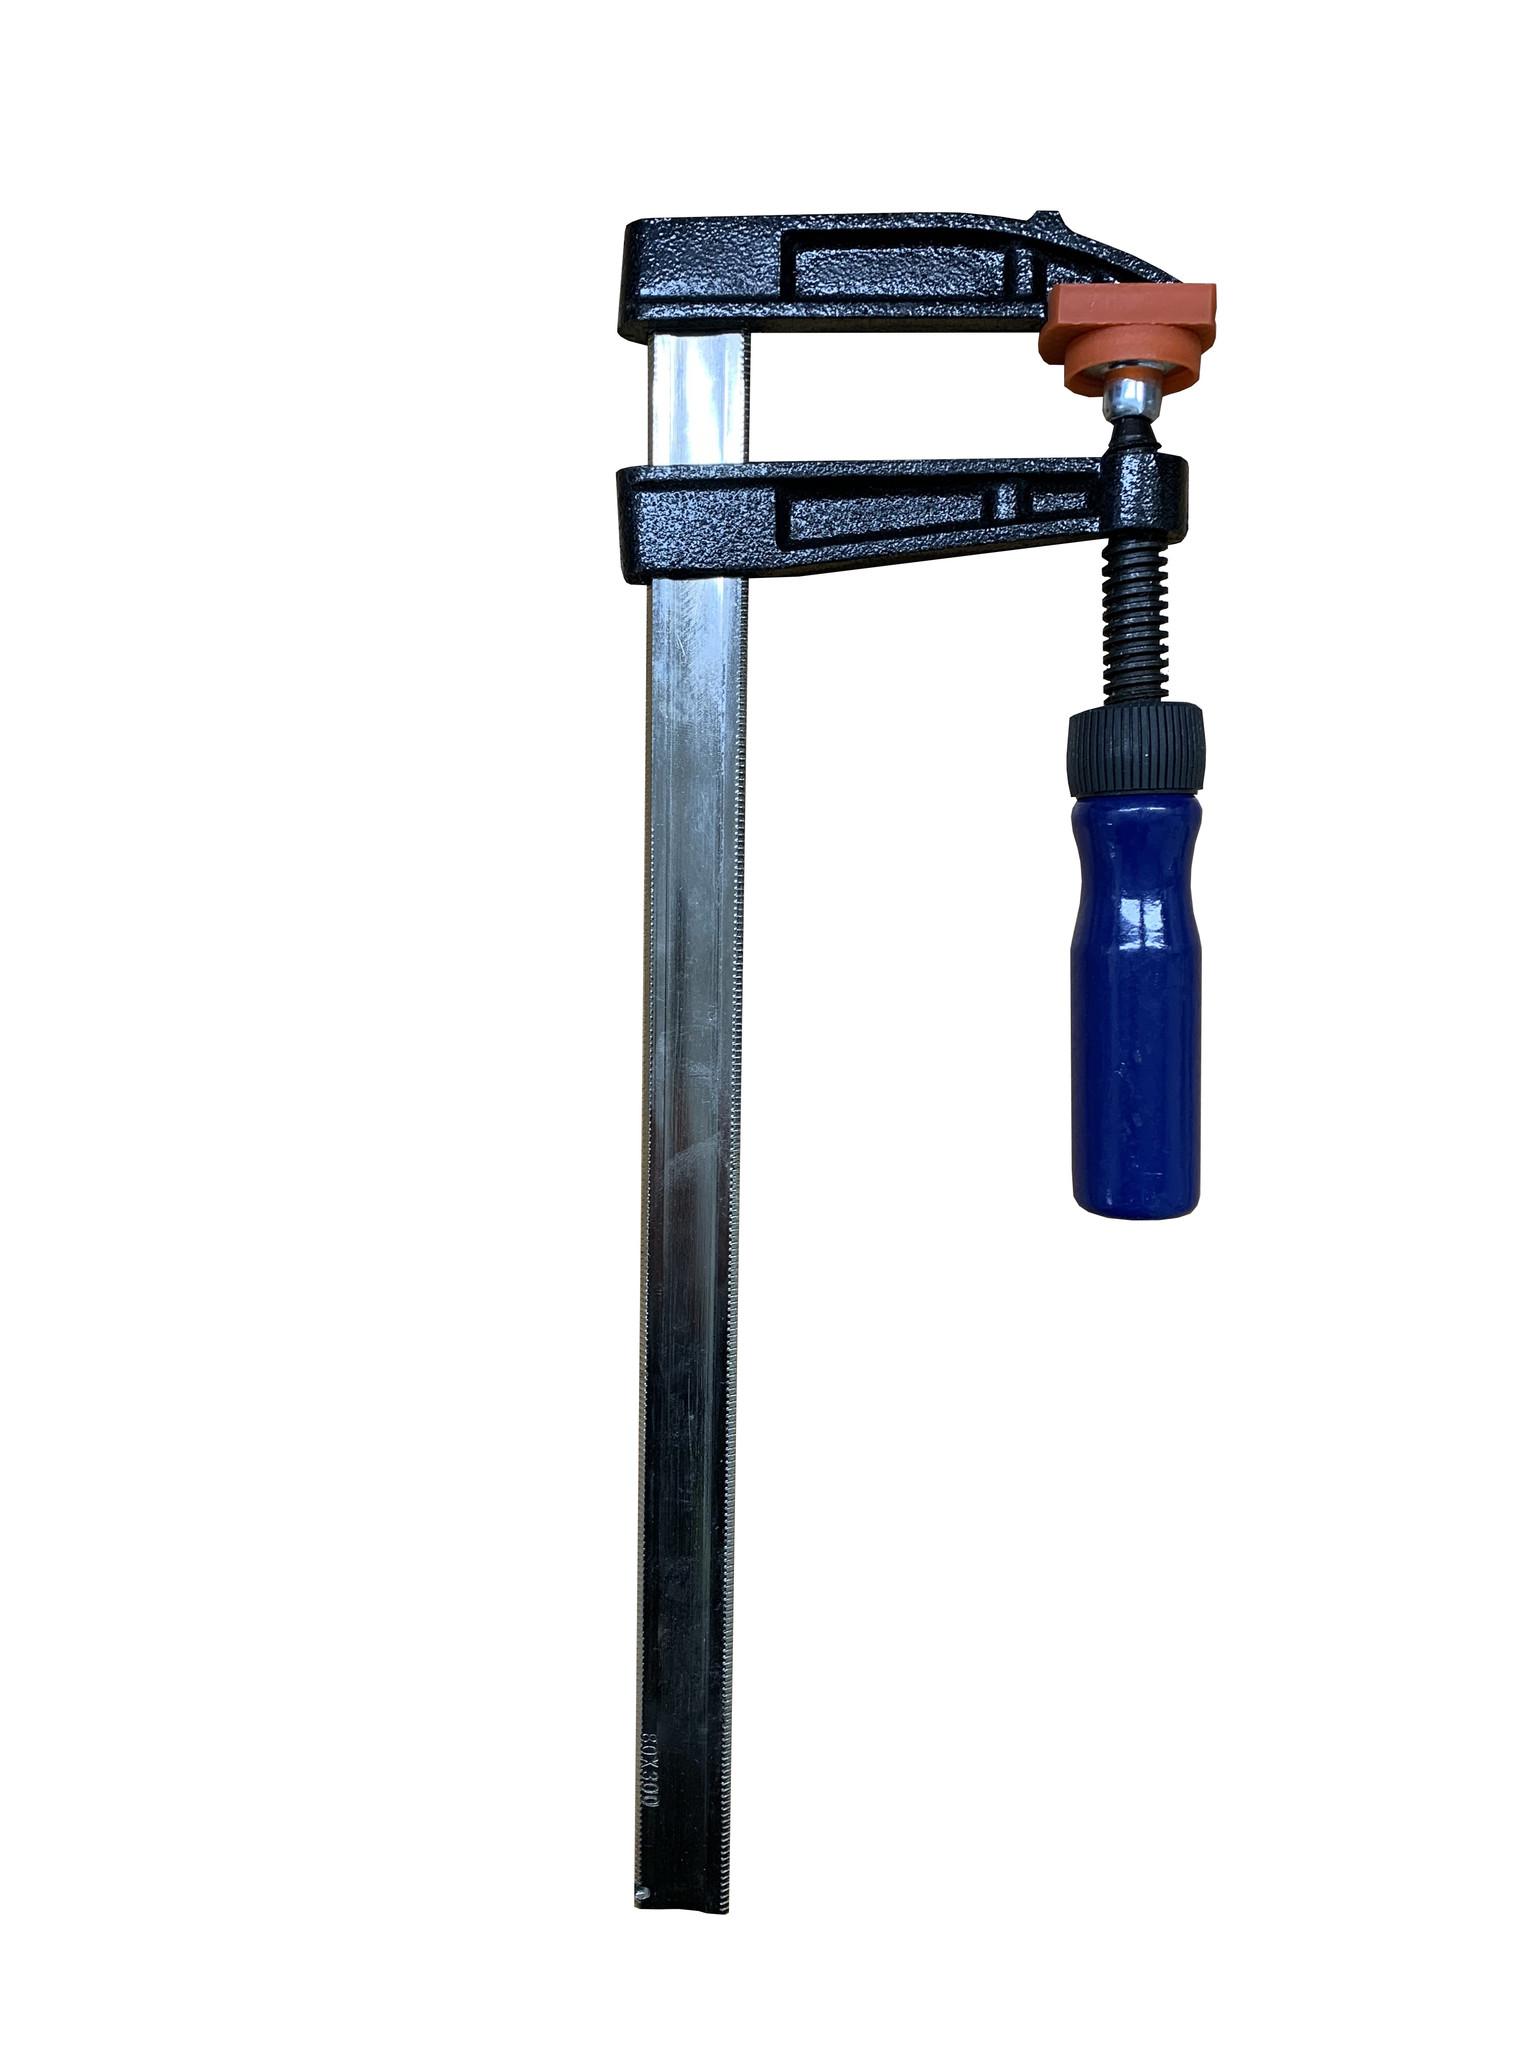 HEVU TOOLS HEVU Lijmtang 300x80 mm - DIN5117 - houten handvat